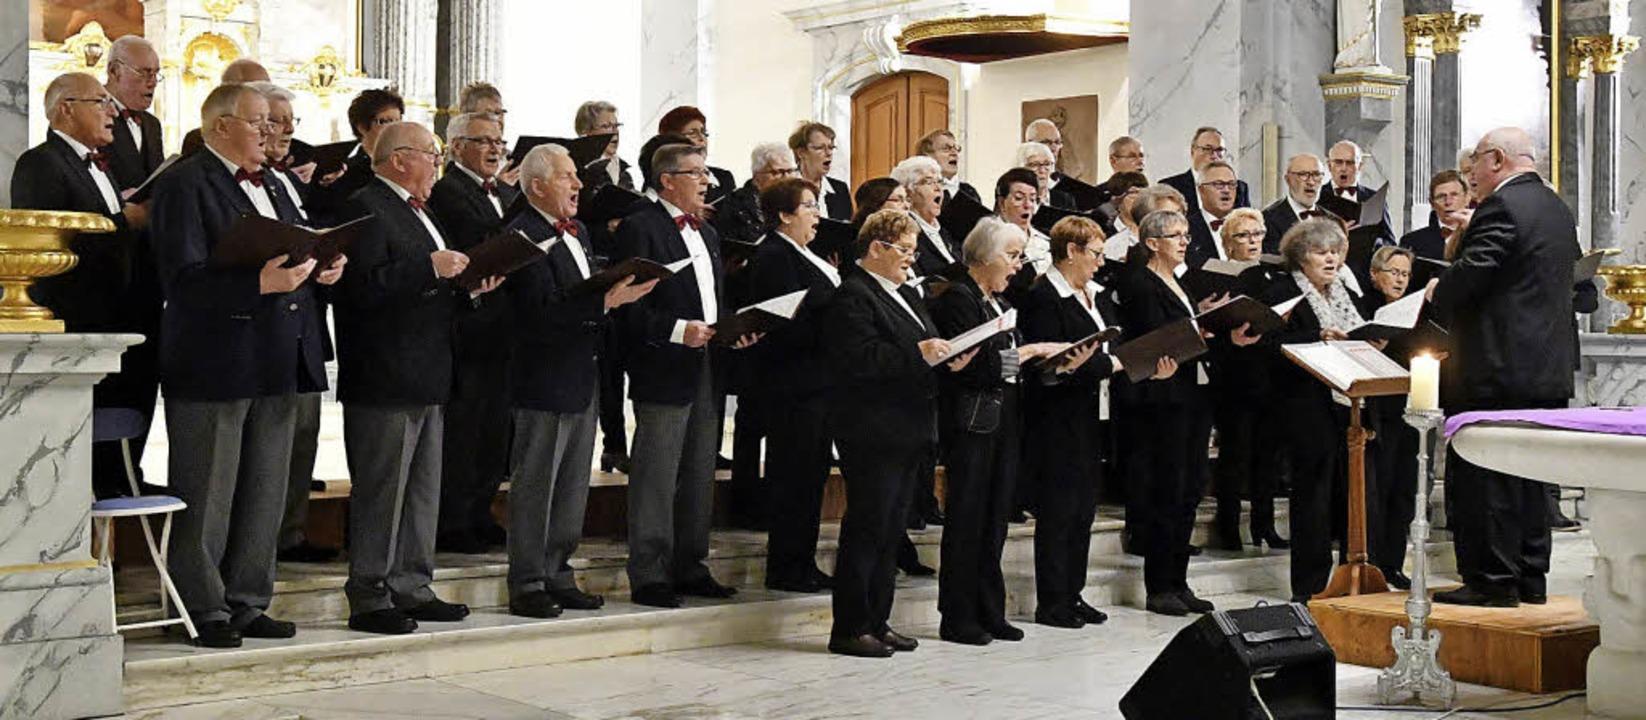 Der Schutterner Kirchenchor unter der ... Fluck beim Kirchenkonzert am Sonntag   | Foto: Wolfgang Künstle